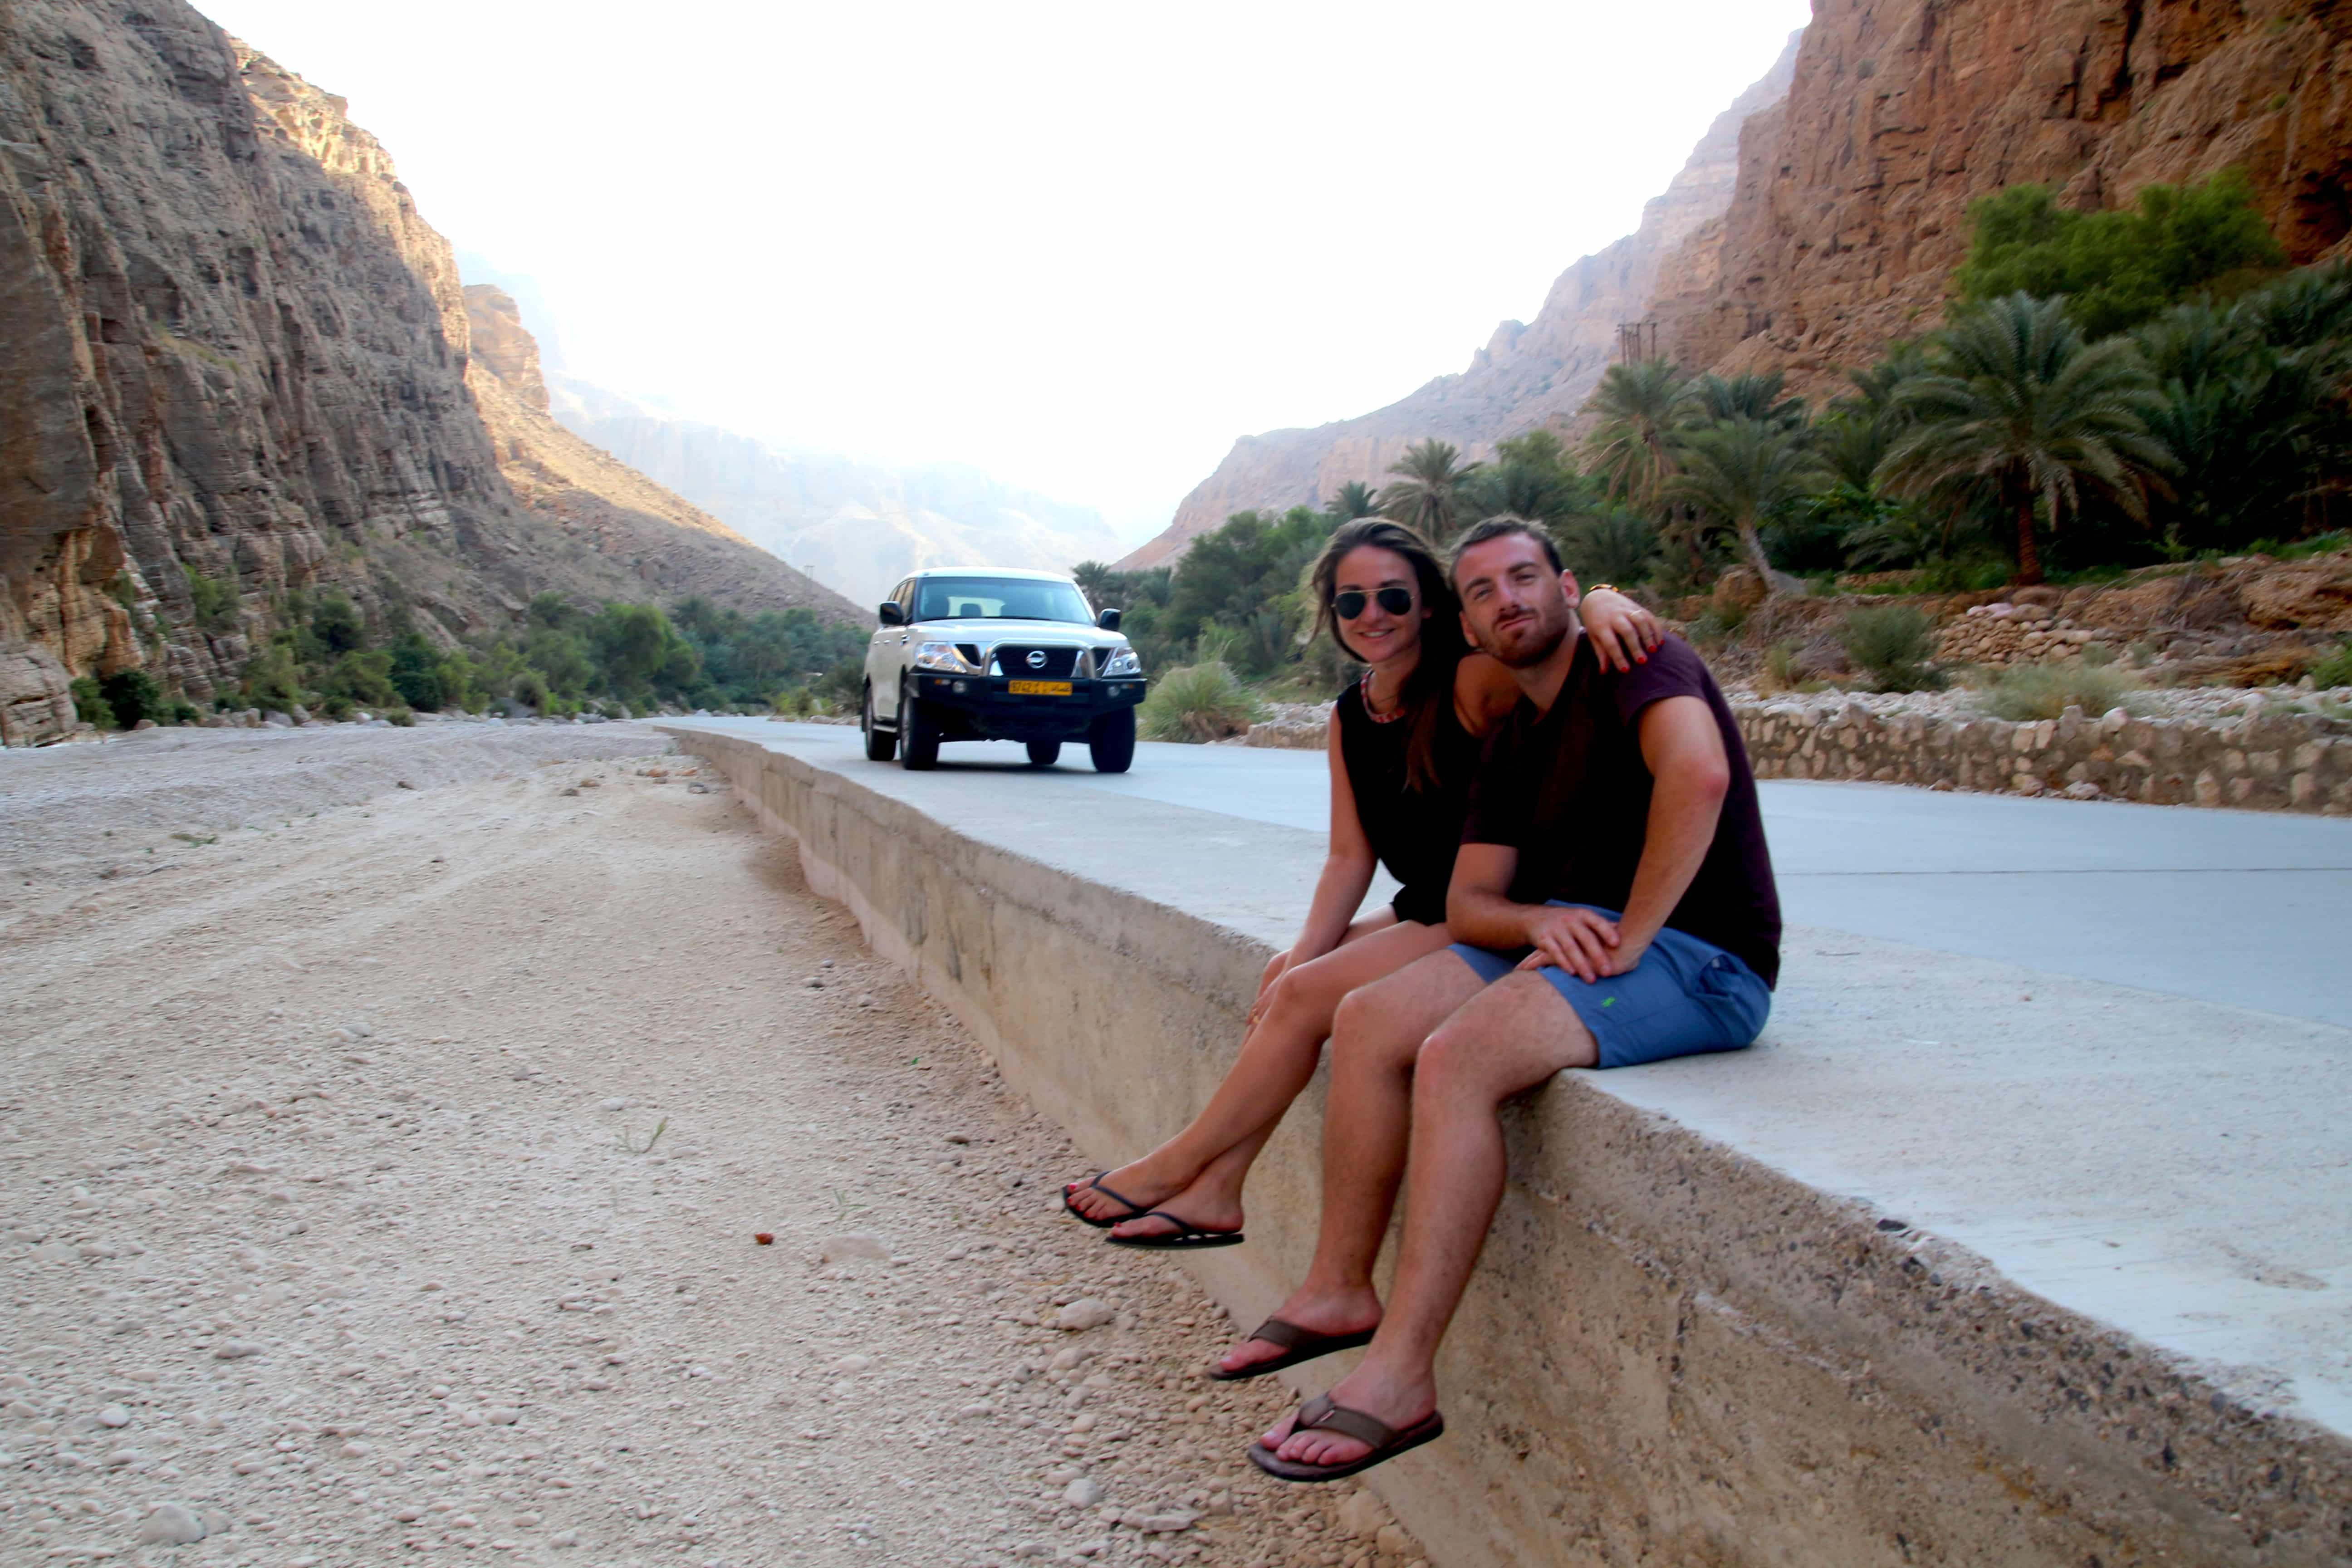 wadishab-twofrenchexplorers-blogvoyage